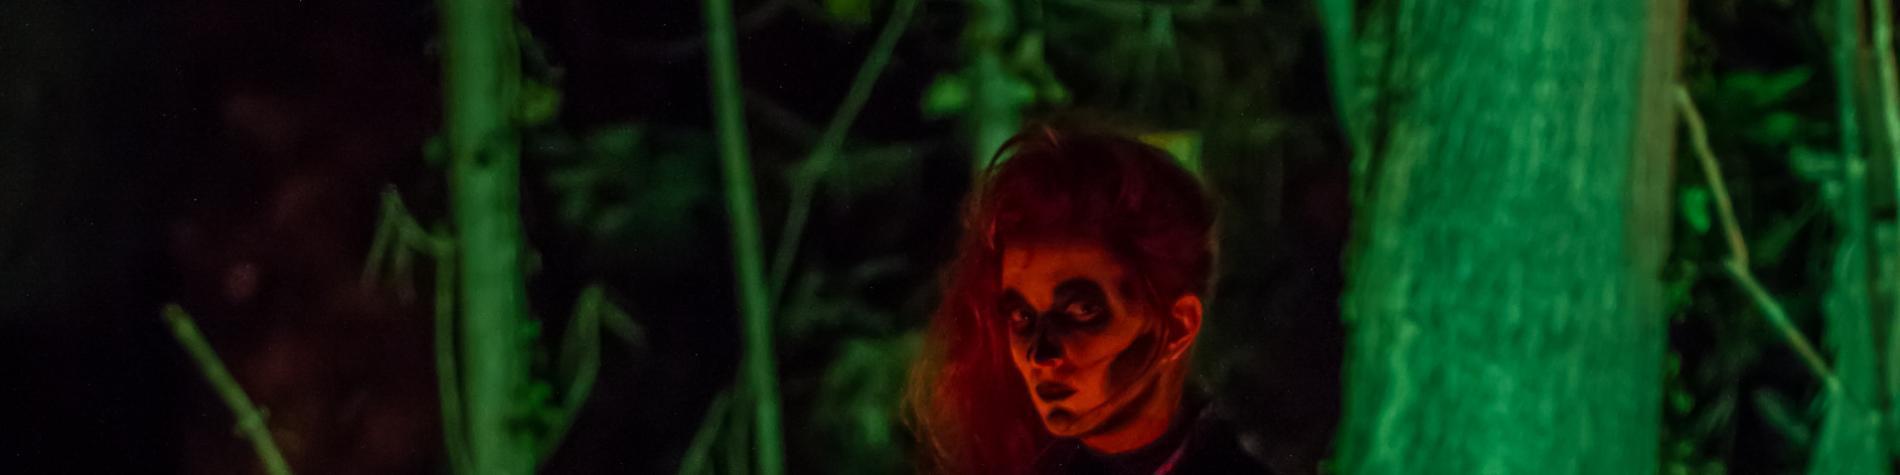 Fêtez Halloween et la Nuit des Sorcières au château de Jehay